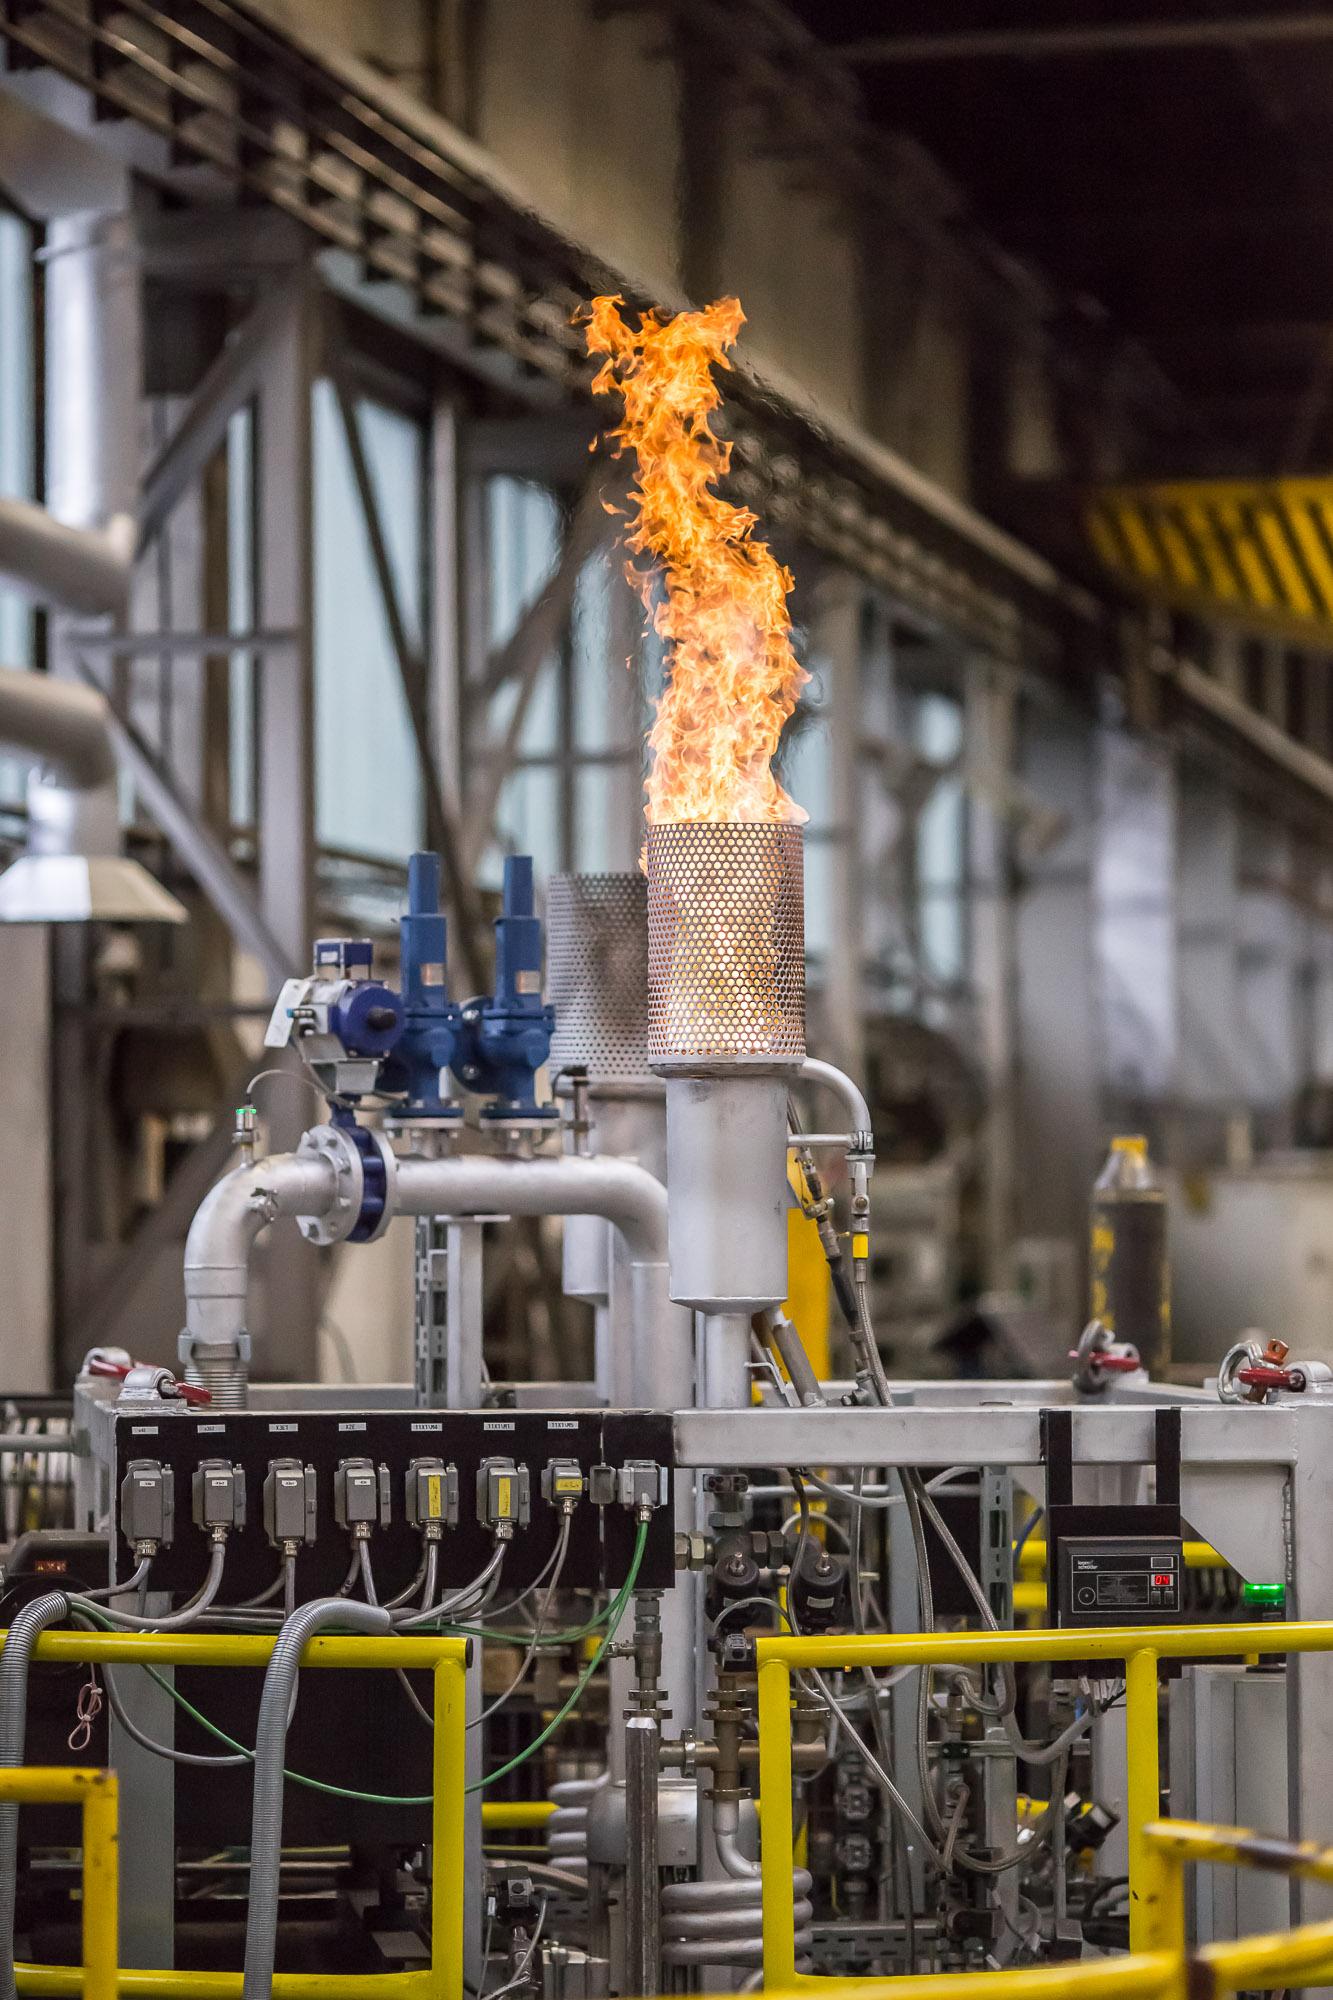 In den Öfen, die man für die Oberflächenveredelung einsetzt, werden die Metallteile erhitzt und bestimmten Atmosphären ausgesetzt, um sie zu vergüten. Die Gaszusammensetzungen sind für das Ergebnis des Prozesses von entscheidender Bedeutung, ebenso wie die Temperaturen. Bild: Bürkert